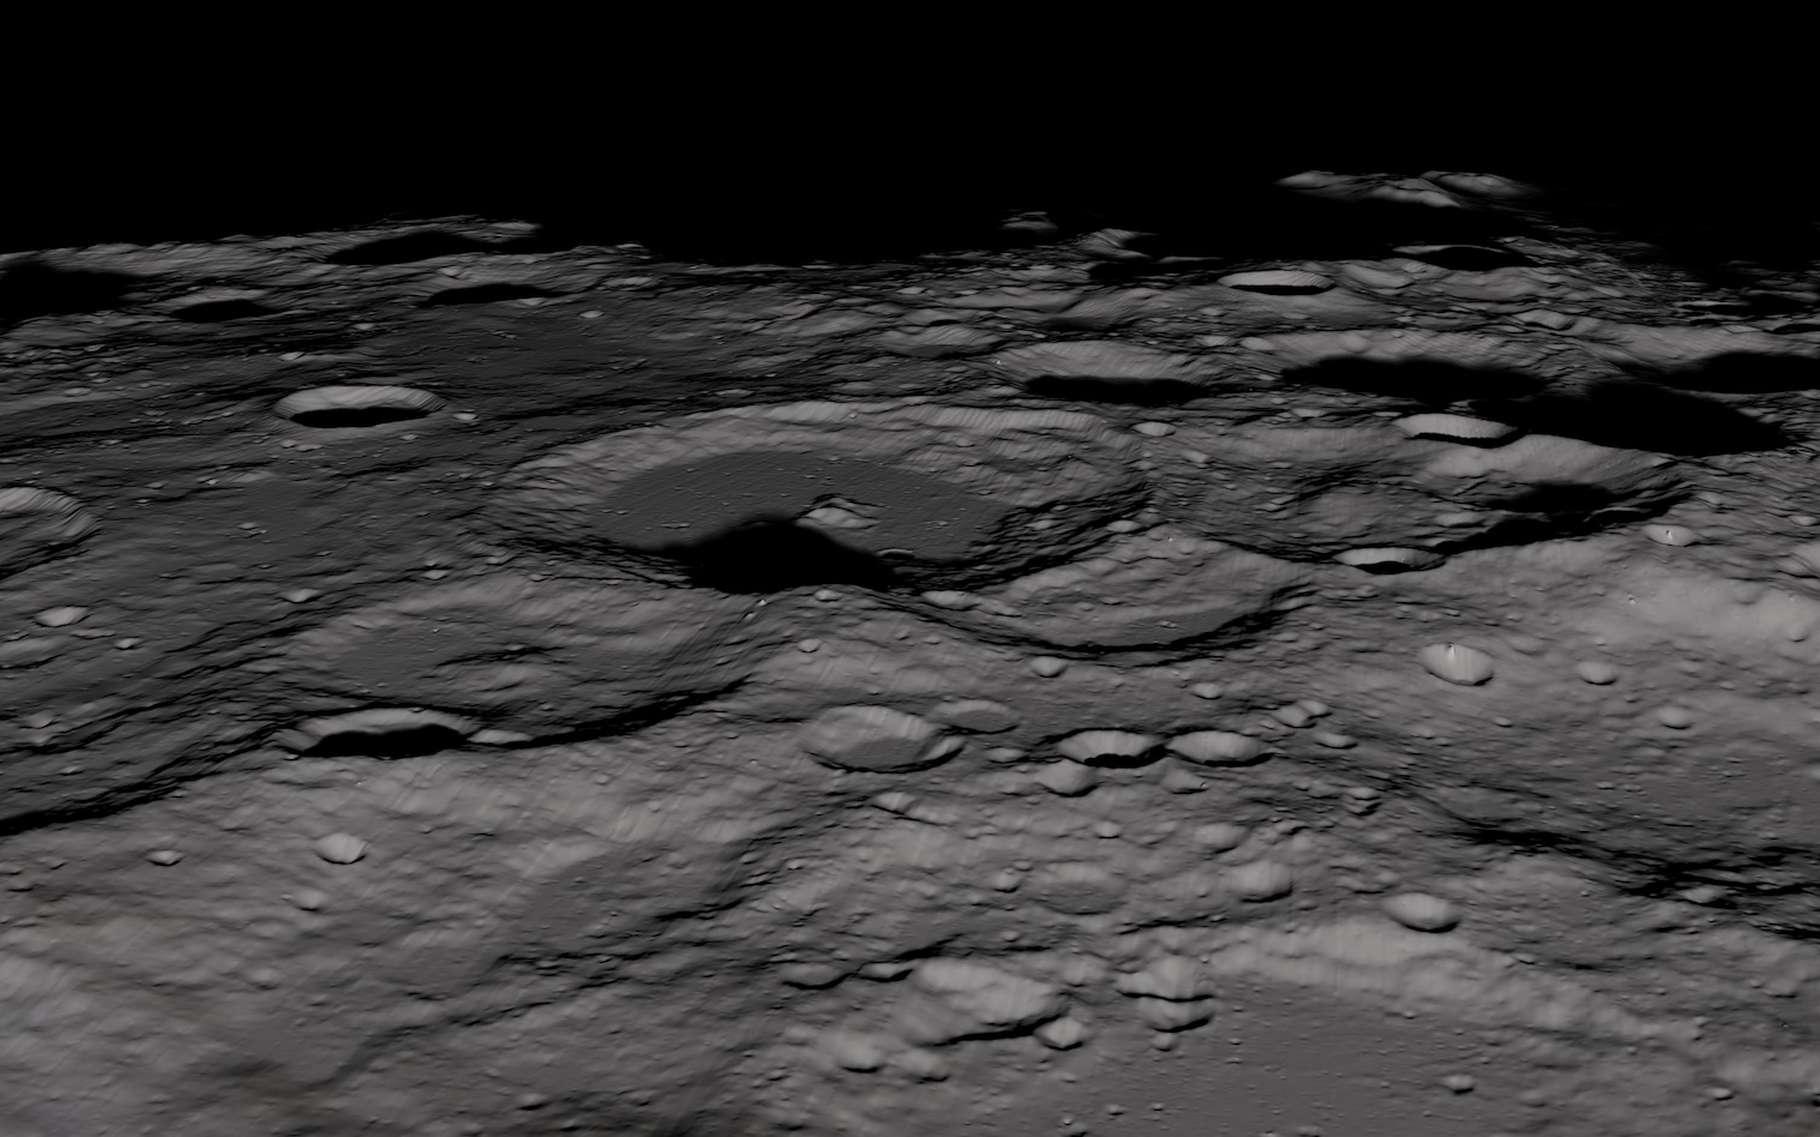 Au pôle Sud de la Lune – ici photographié par Lunar Reconnaissance Orbiter (LRO), de la glace d'eau recouvre le fond des cratères. Elle pourrait s'y être déposée à différentes périodes de l'histoire de notre satellite naturel. © Nasa, Scientific Visualization Studio